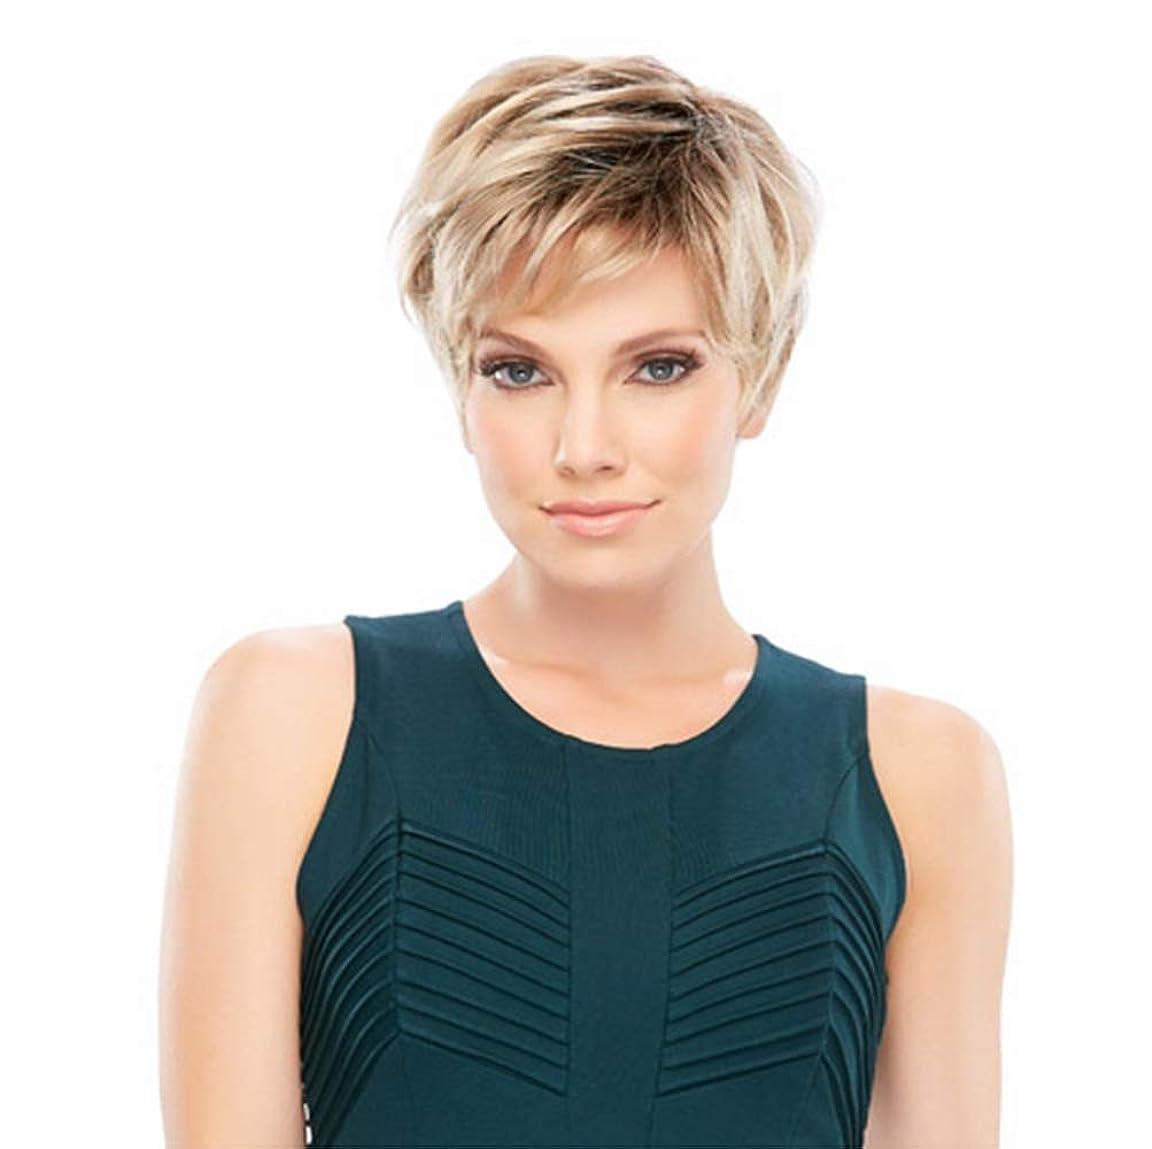 なんでも伝導メディア女性のショートヘッド耐熱ファッション魅力的なストレートカールカーリー波ウェーブ合成かつら26 cm